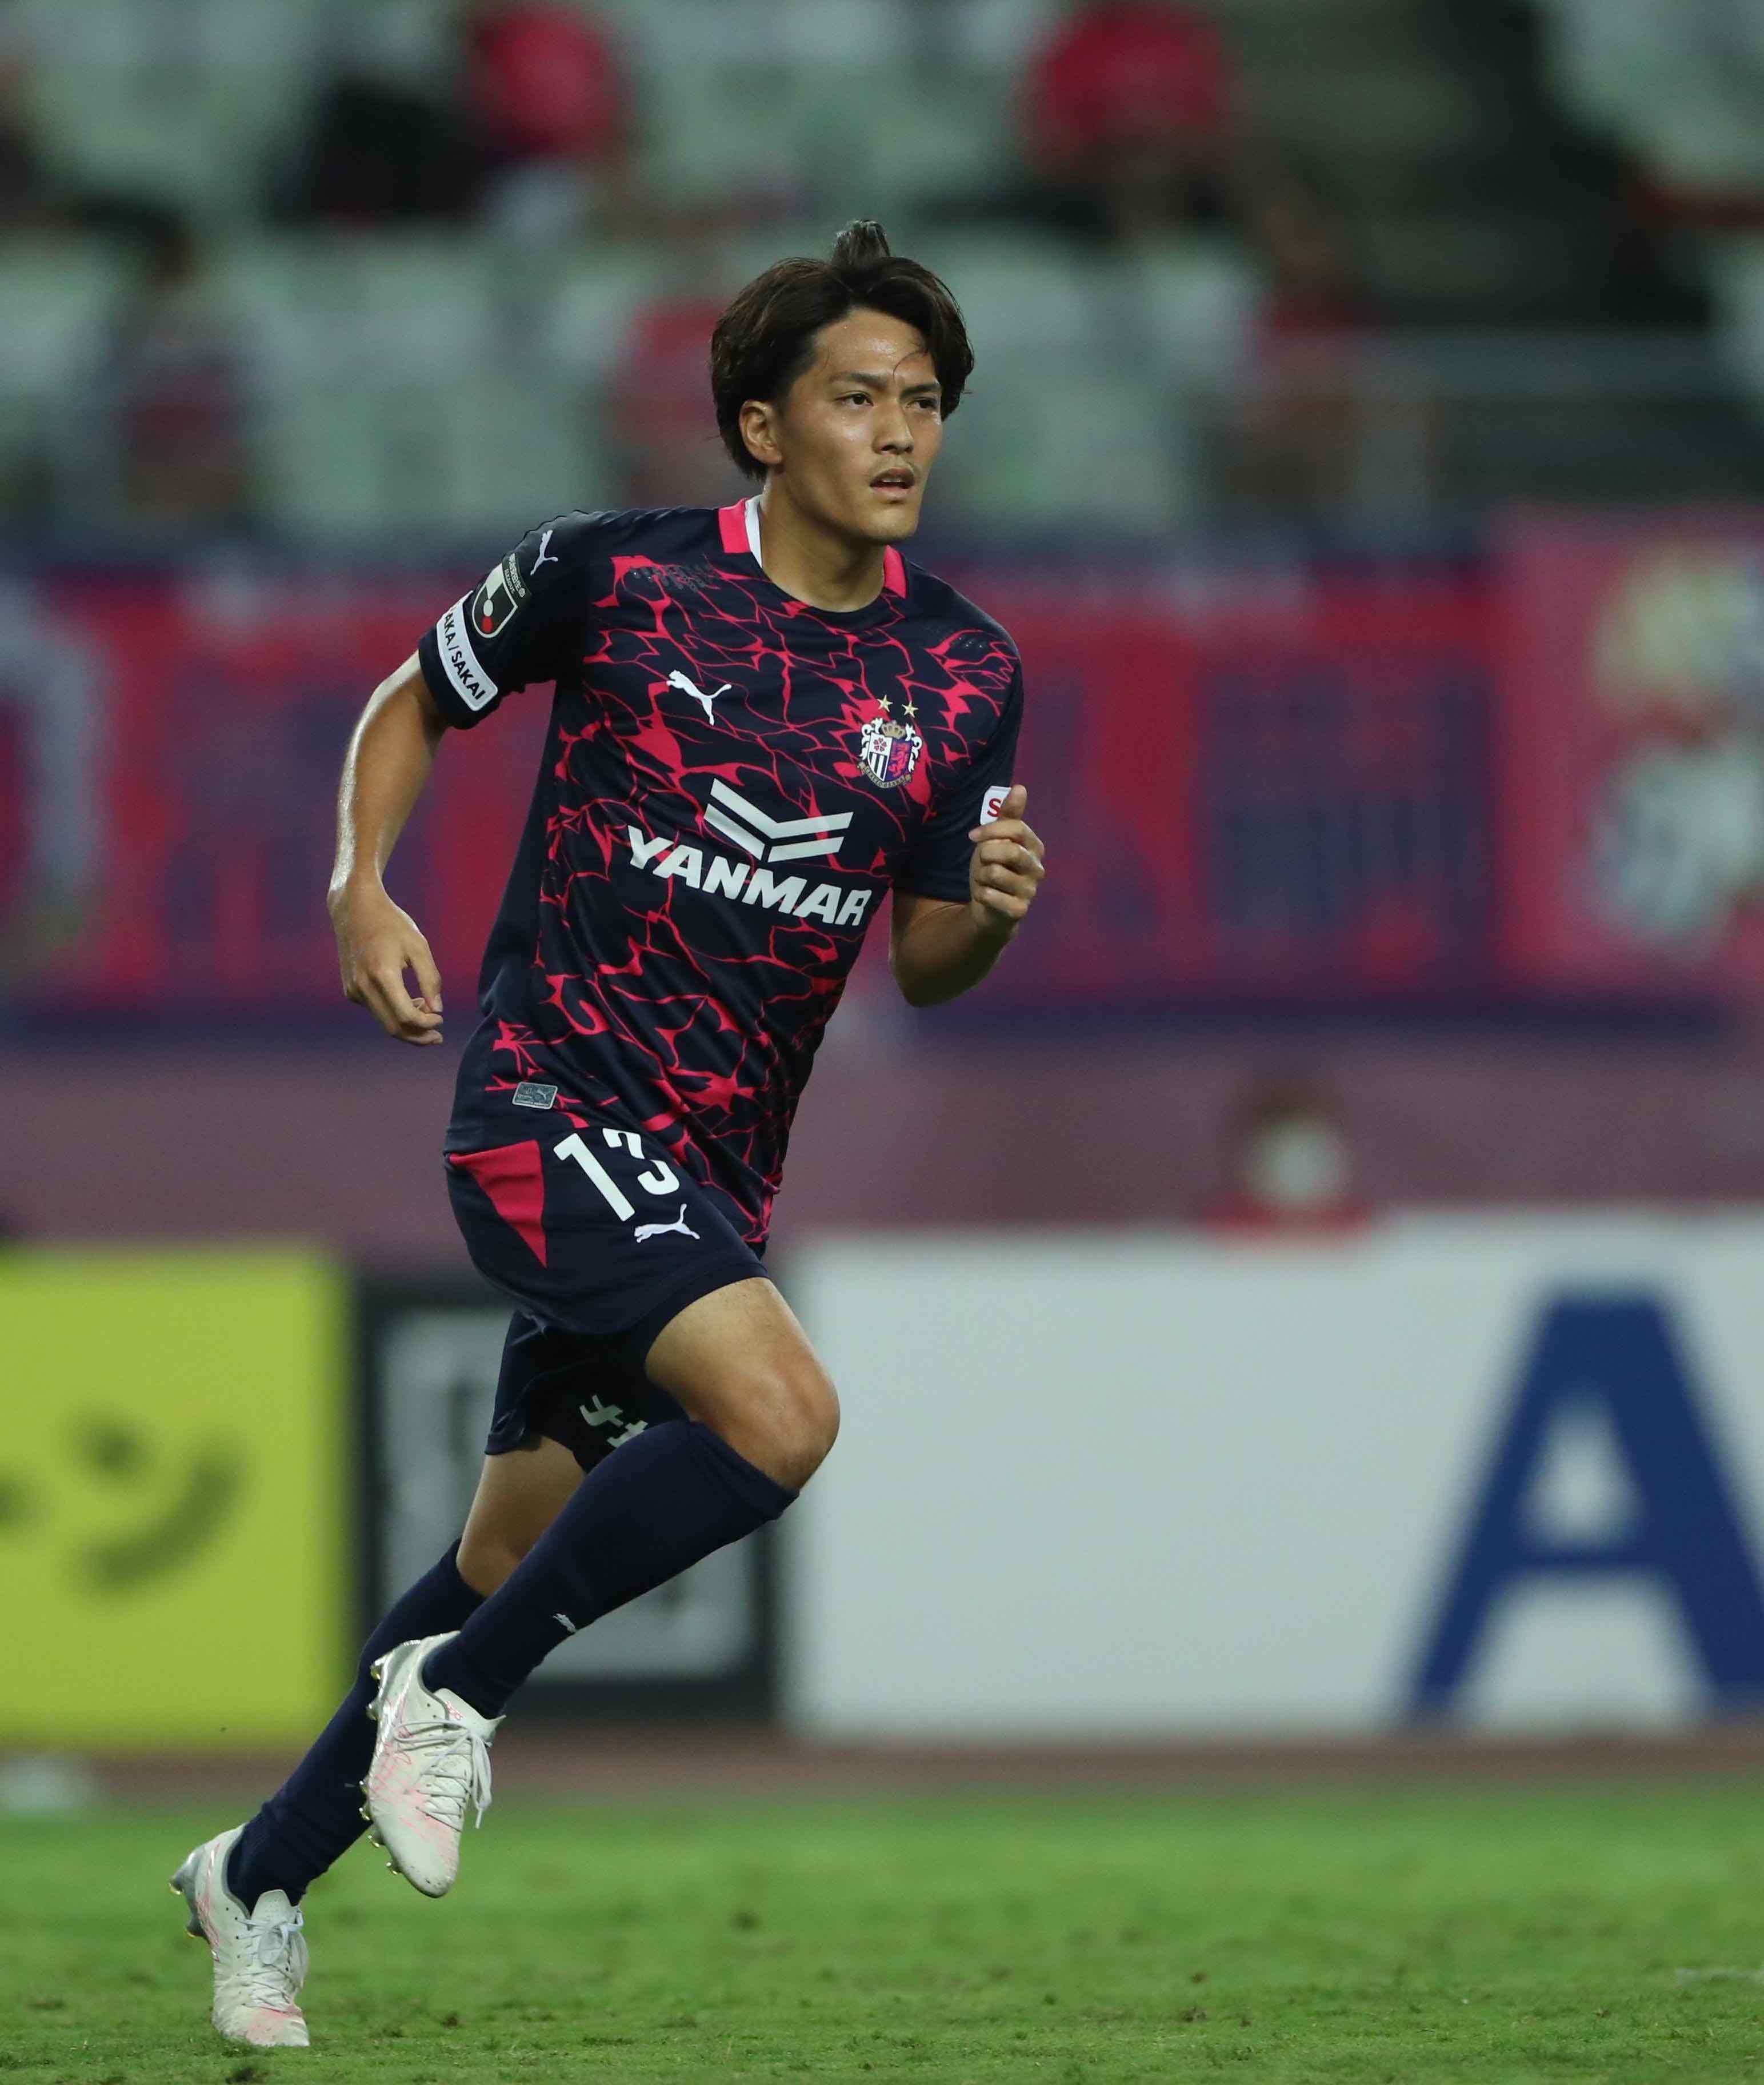 【本人直筆サイン入り公式】セレッソ大阪2020限定ユニフォーム 13 高木俊幸 選手